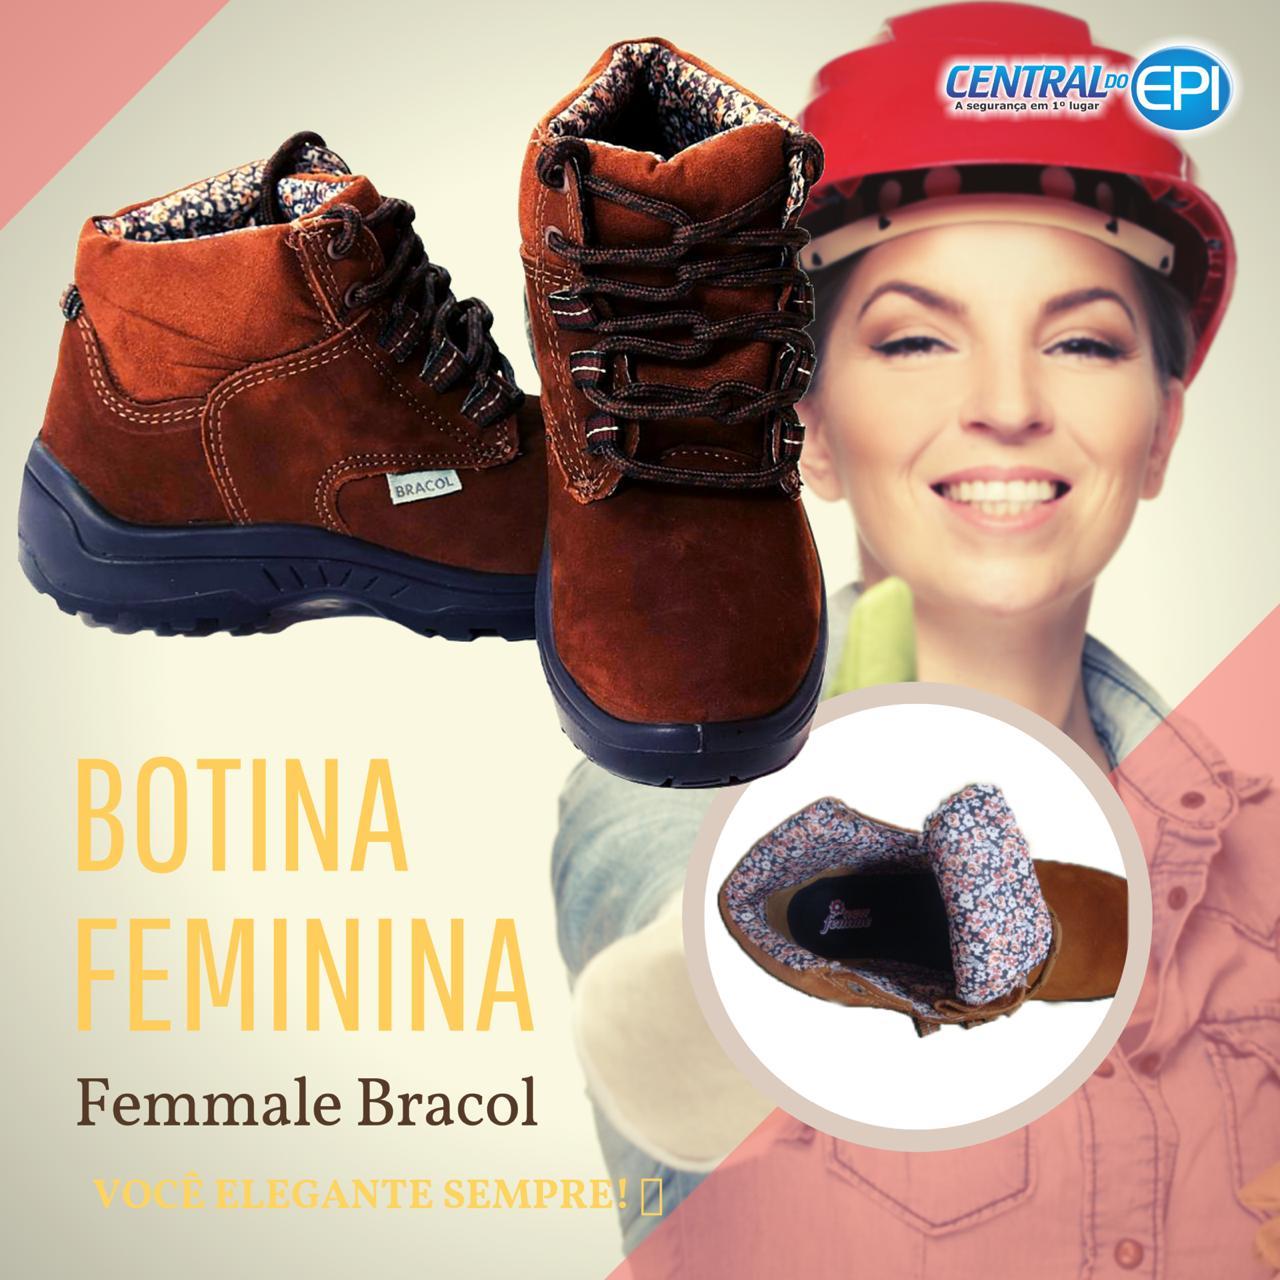 Lindas botas femininas, na Central do EPI tem